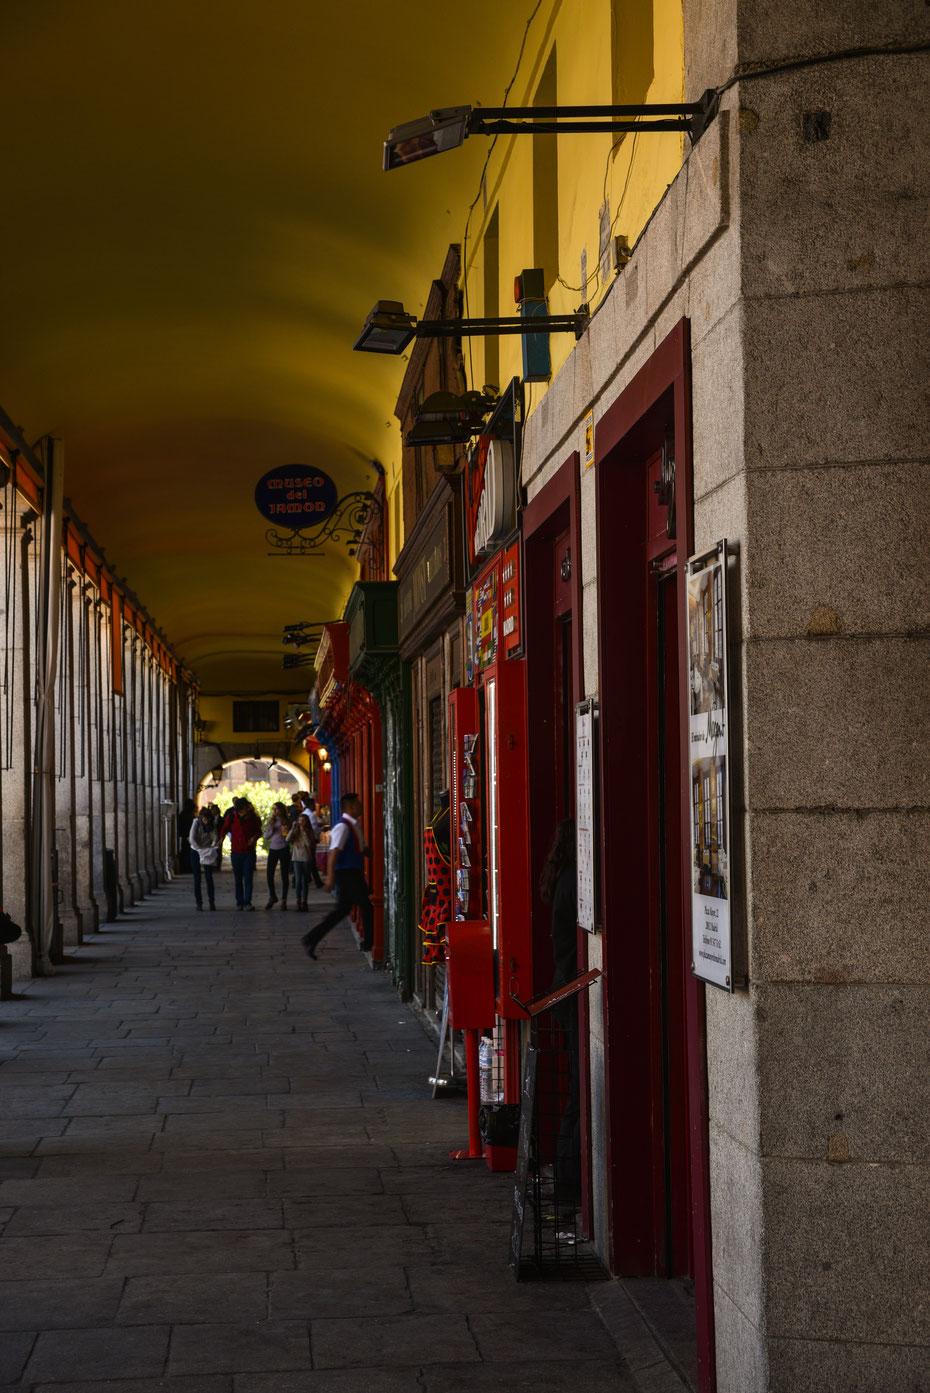 Viel zu entdecken gibt's in den Galerien um den Plaza Mayor. Kleine Geschäfte, das Schinken-Museum und kleine Bars mit einheimischen Spezialitäten wie Baguettes mit Tintenfisch.